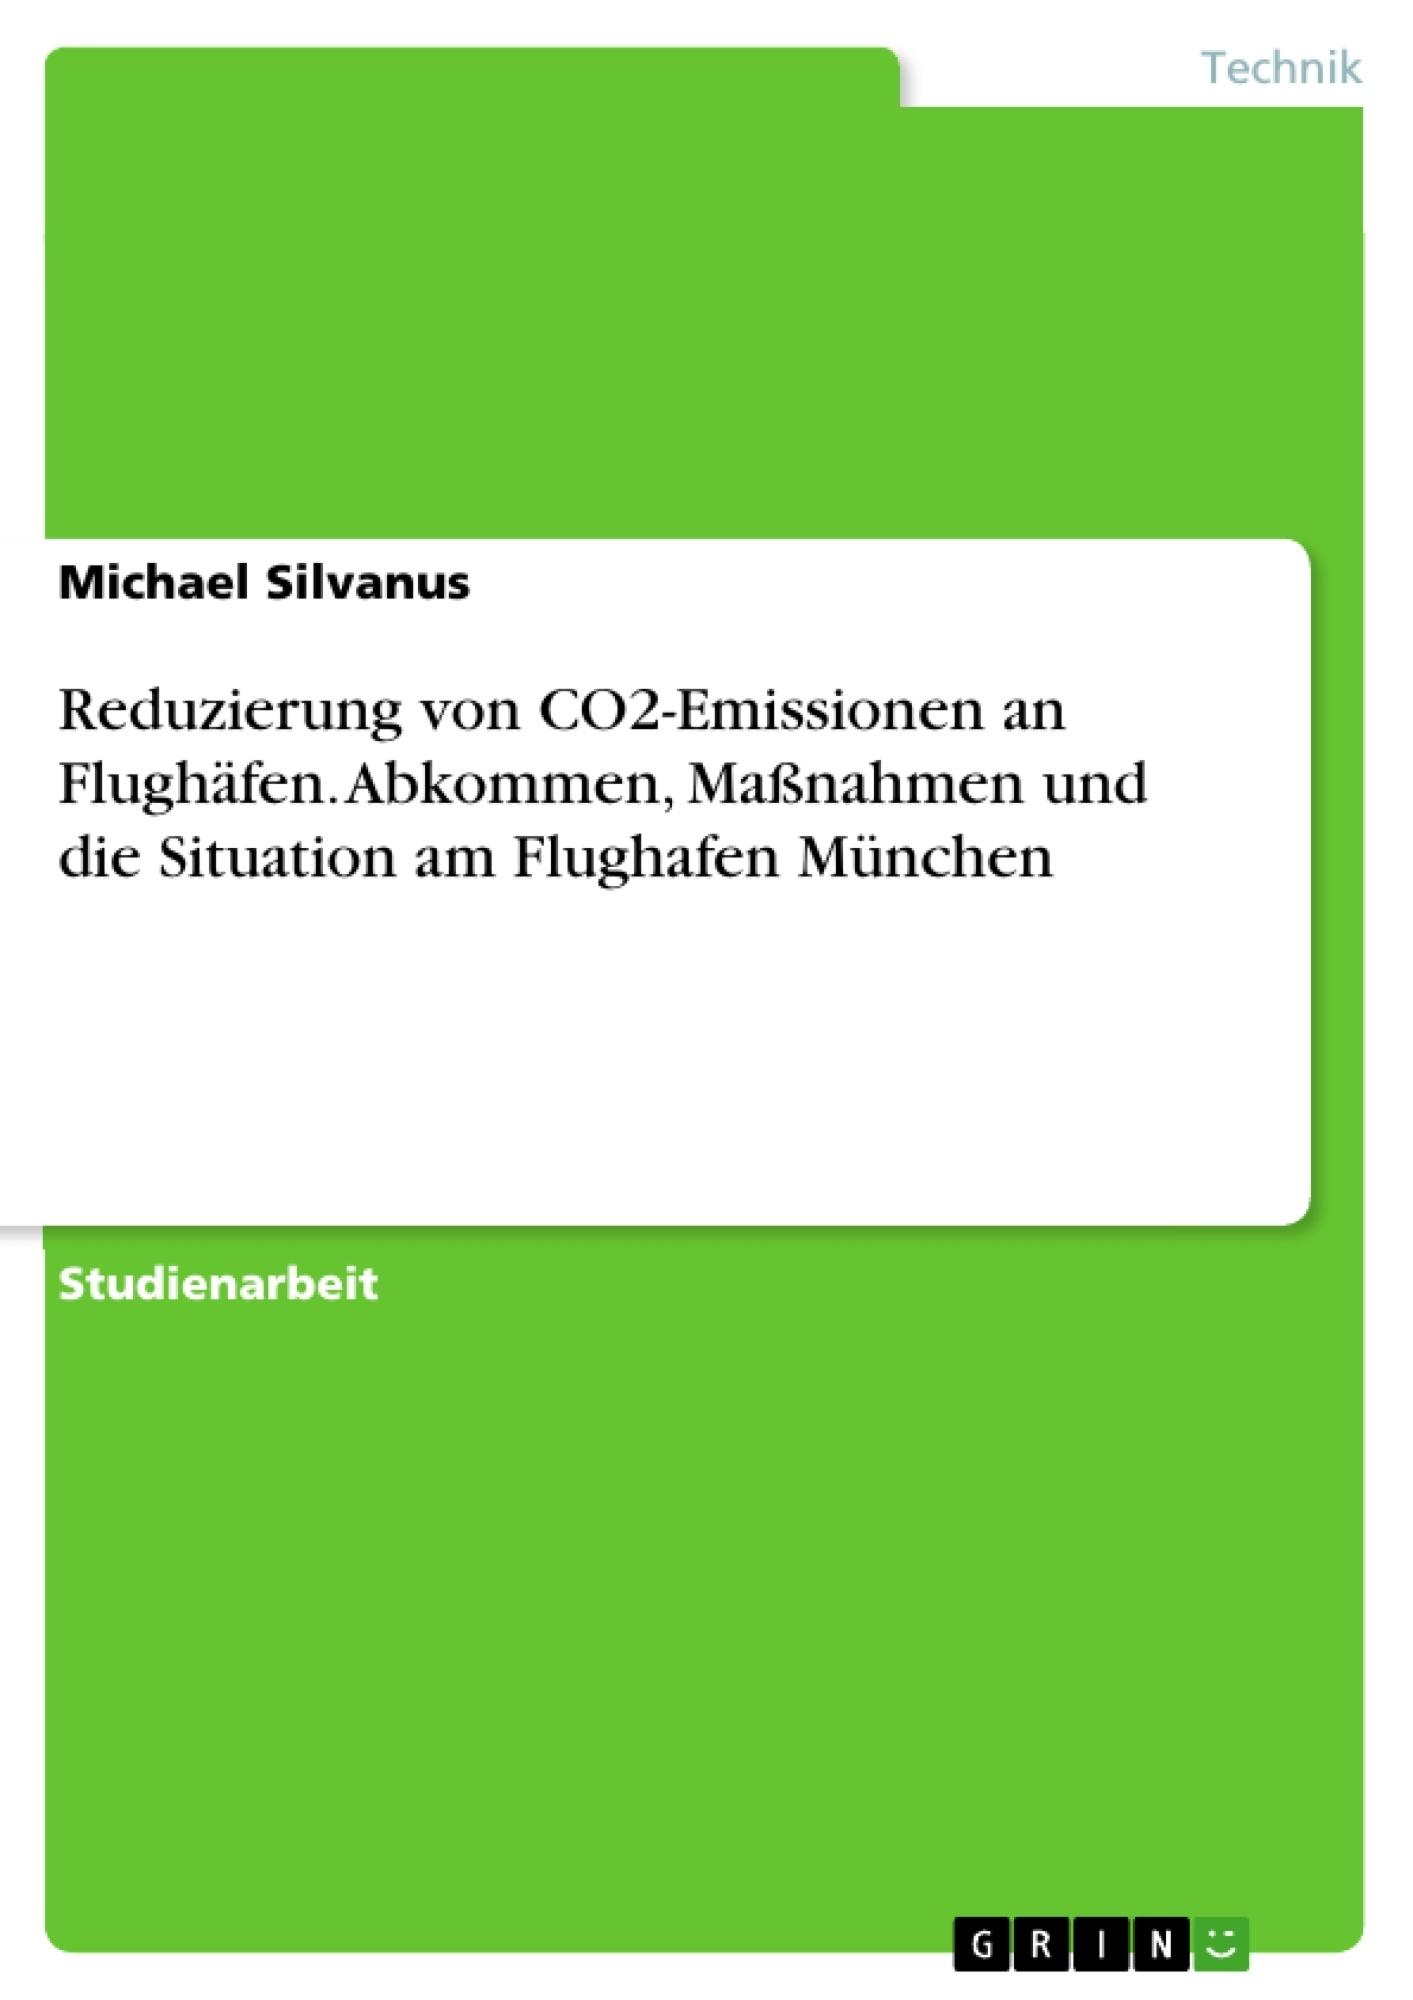 Titel: Reduzierung von CO2-Emissionen an Flughäfen. Abkommen, Maßnahmen und die Situation am Flughafen München